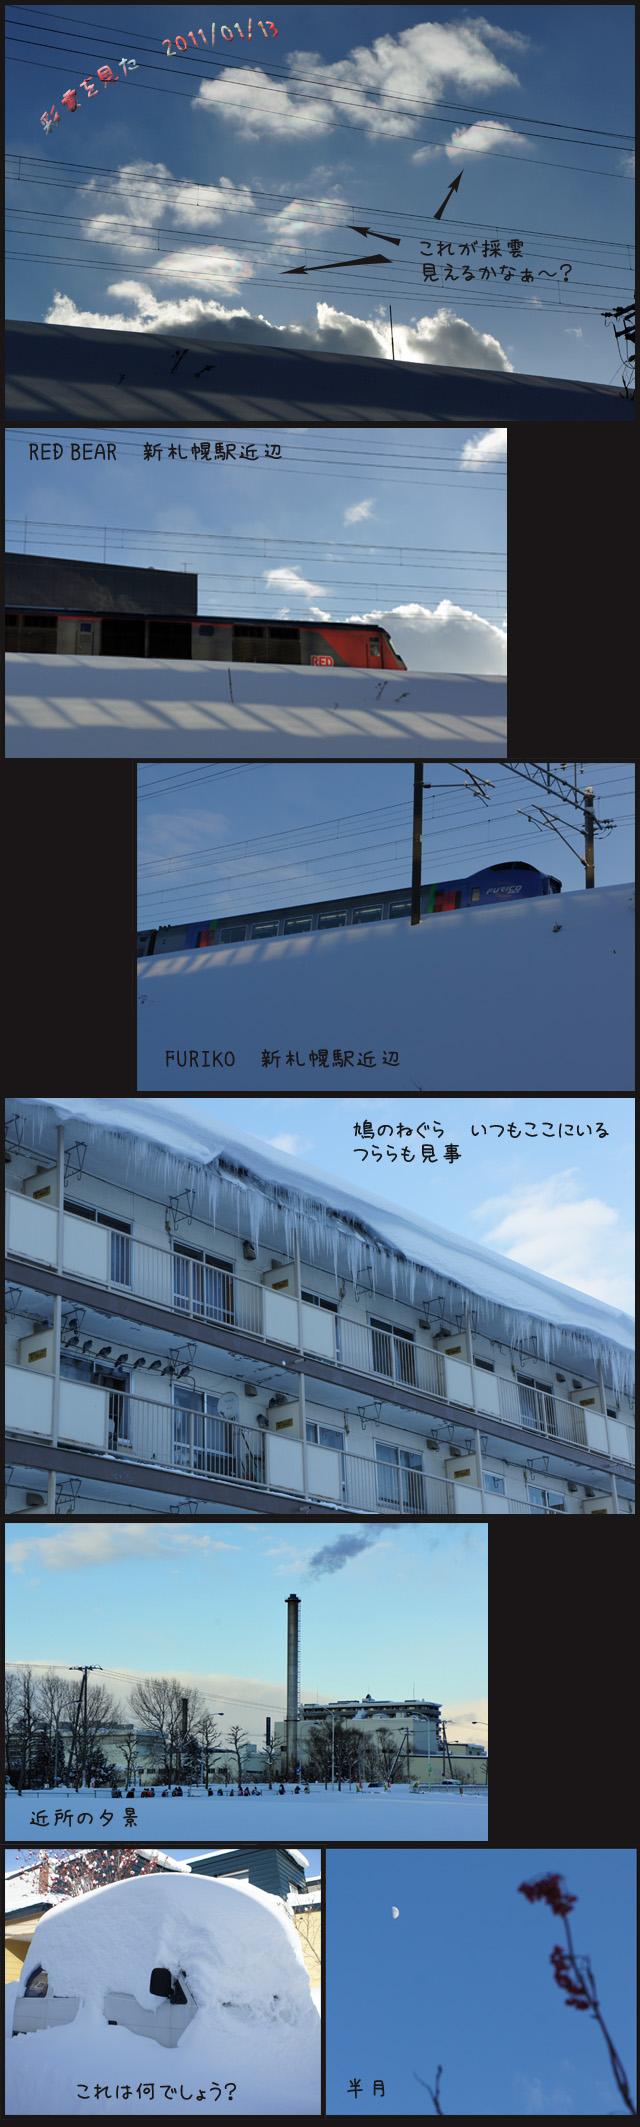 昨日の続きです・彩雲_b0019313_1754751.jpg